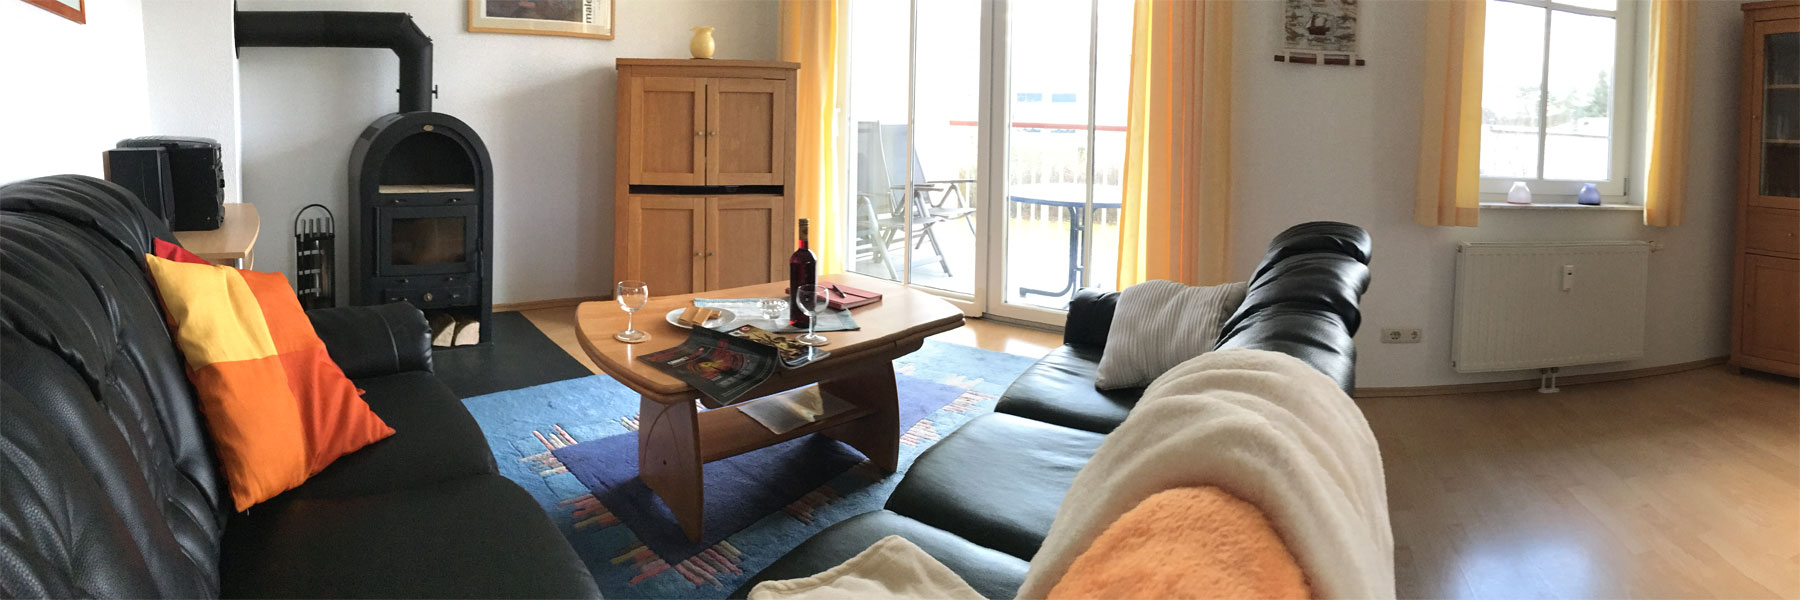 Wohnbereich - Ferienwohnung Usedom